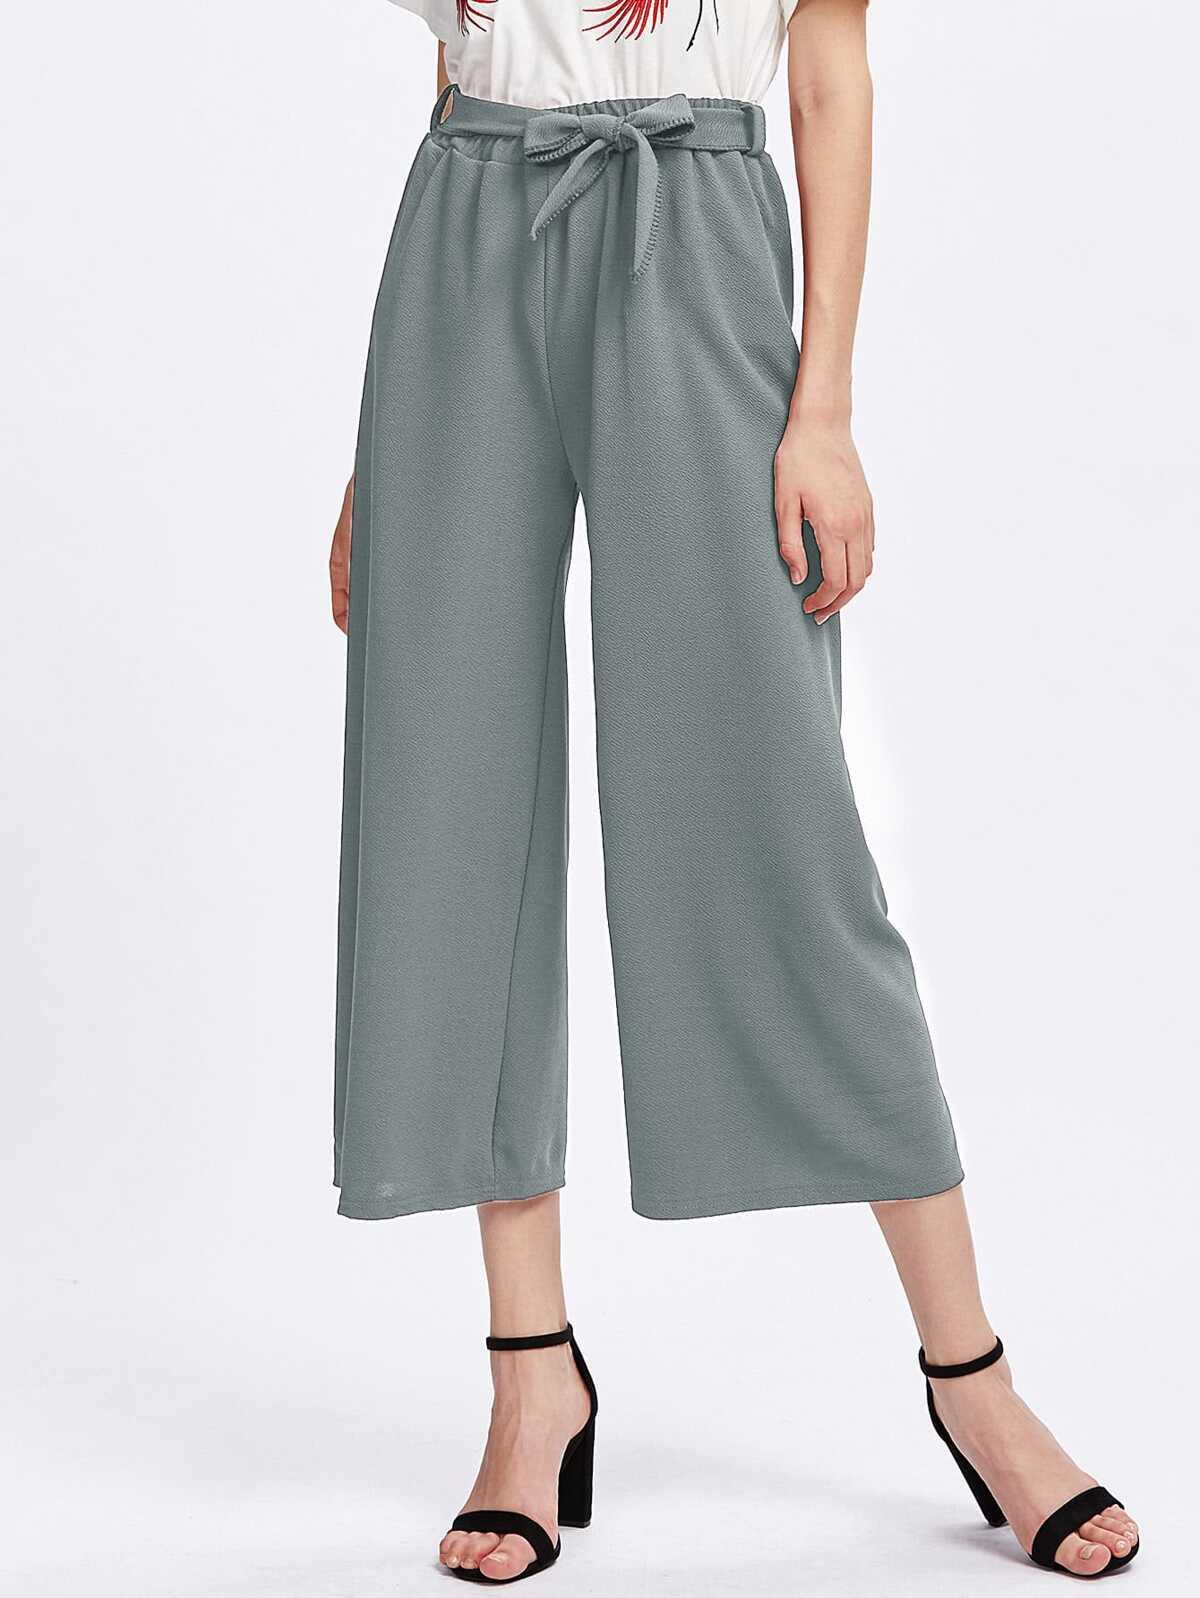 Tie Waist Culotte Pants by Romwe